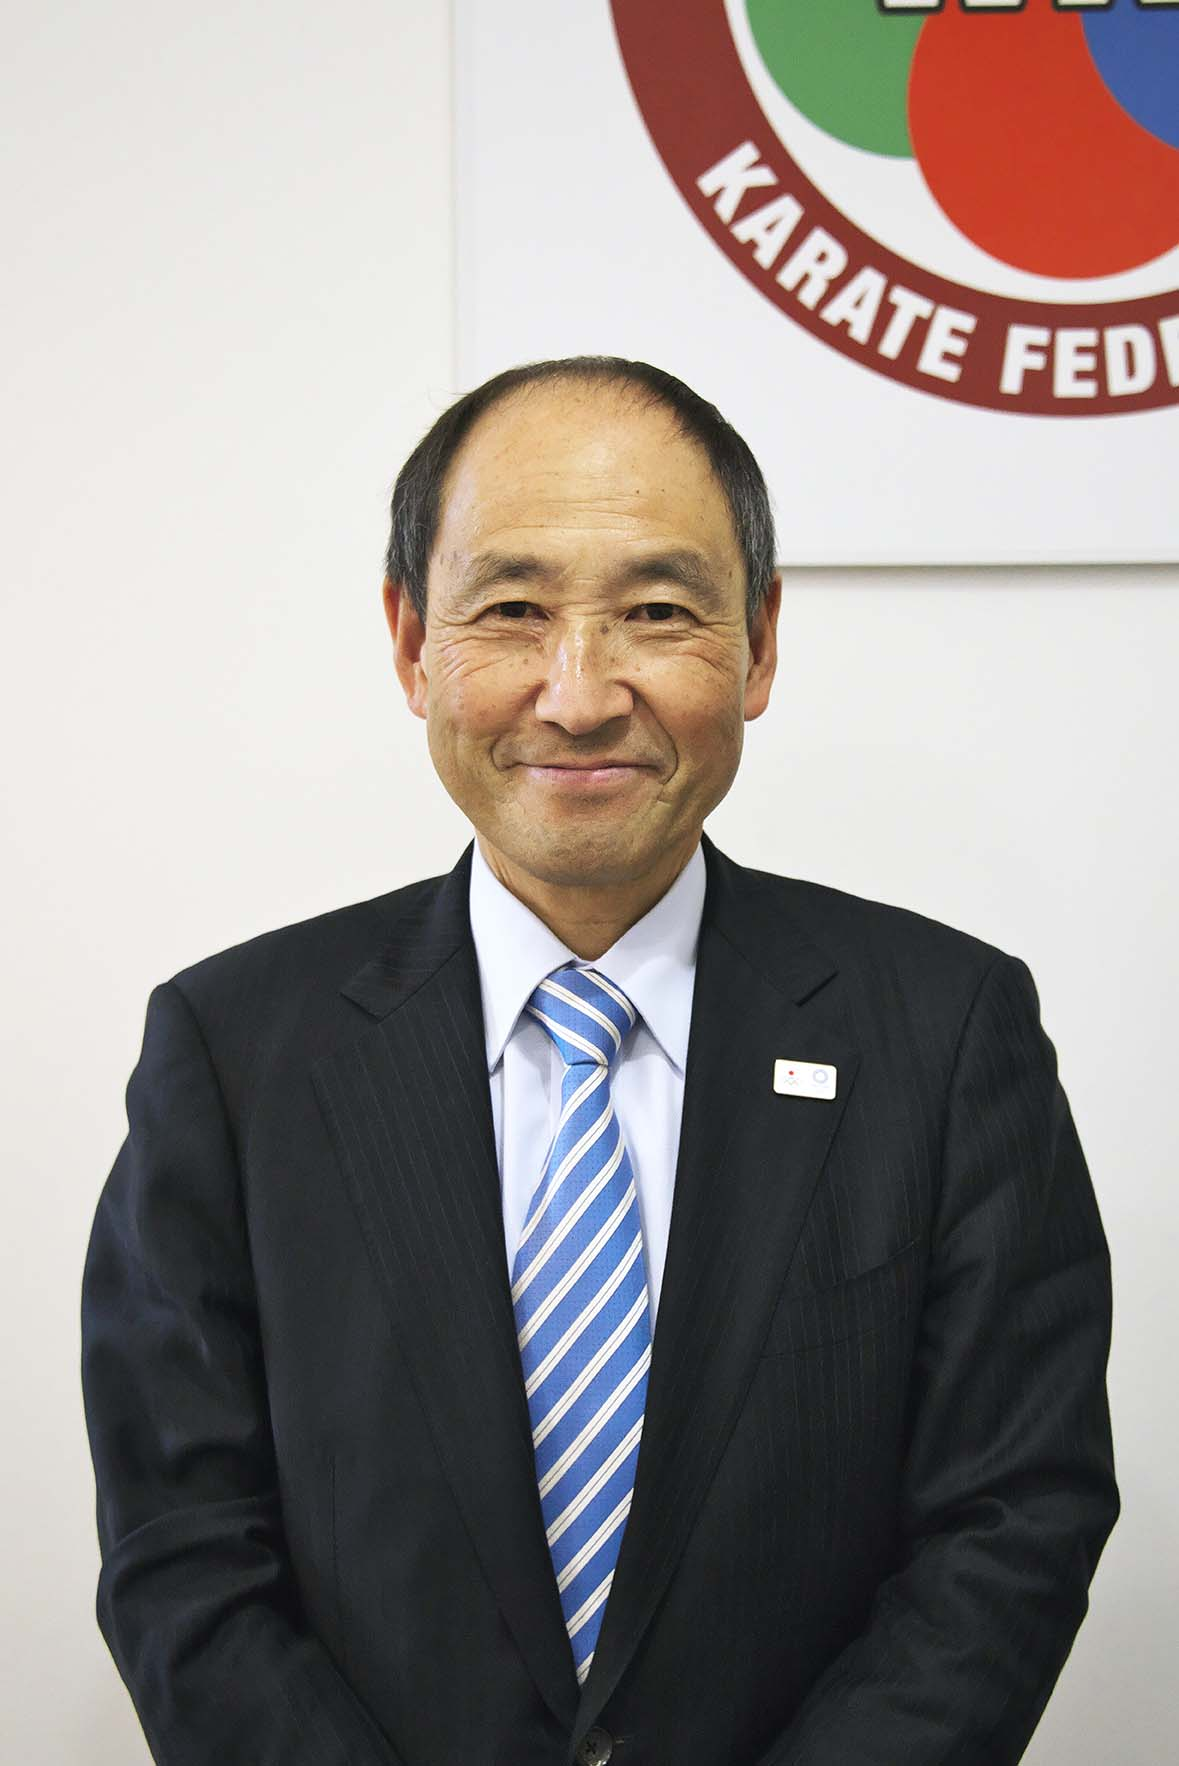 世界空手連盟事務総長の奈藏稔久さん。アメリカや香港など空手普及に努めた。